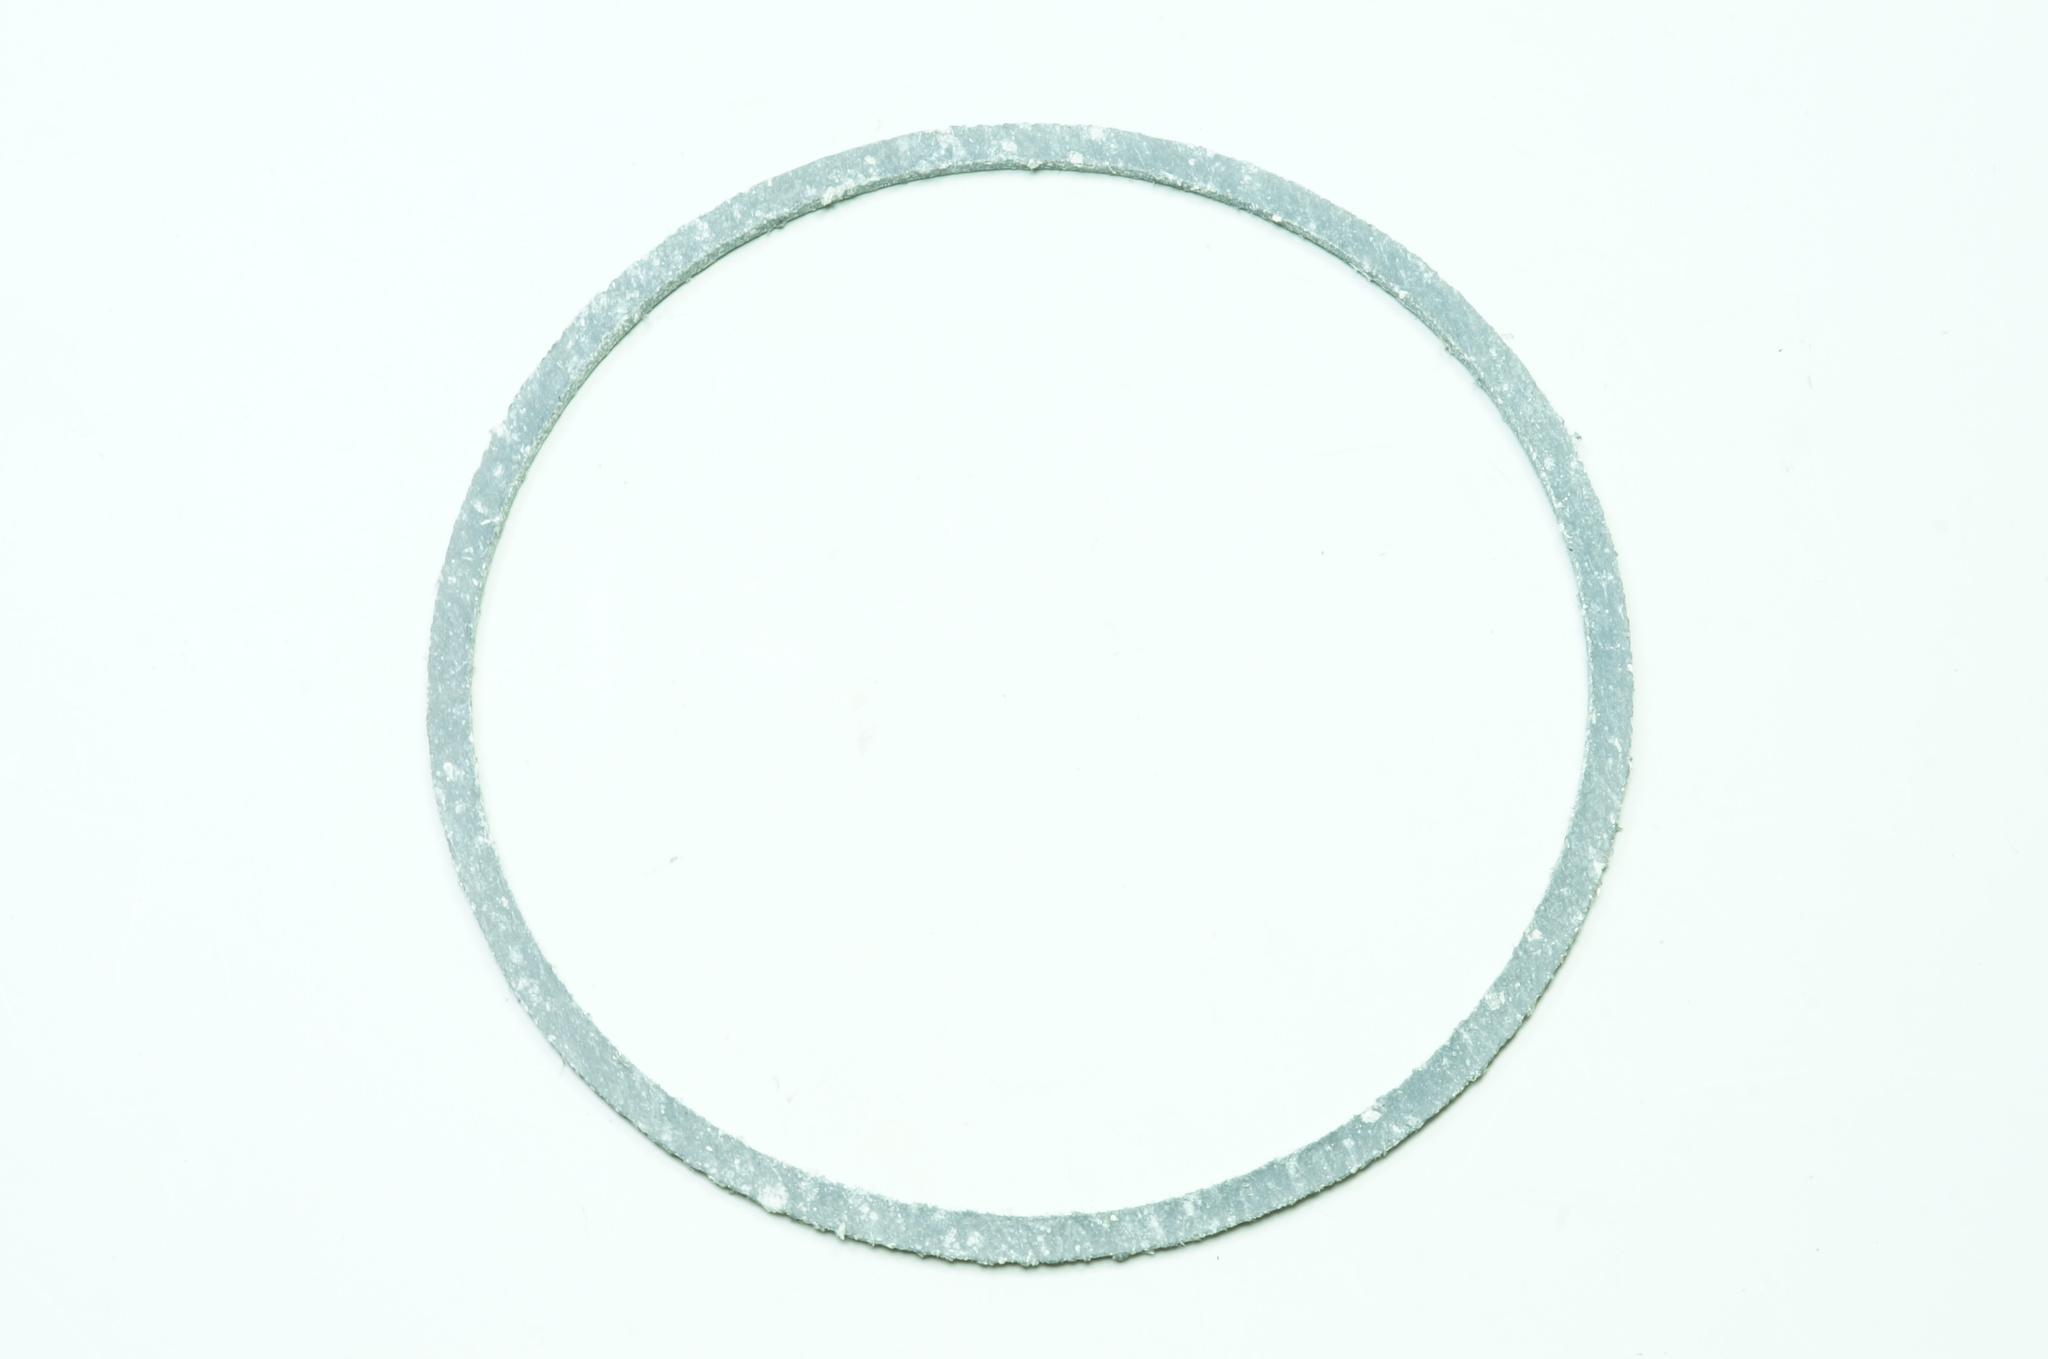 Прокладка крышки масляного фильтра тонкой очистки Газ 12, М20, 21, 51, 69